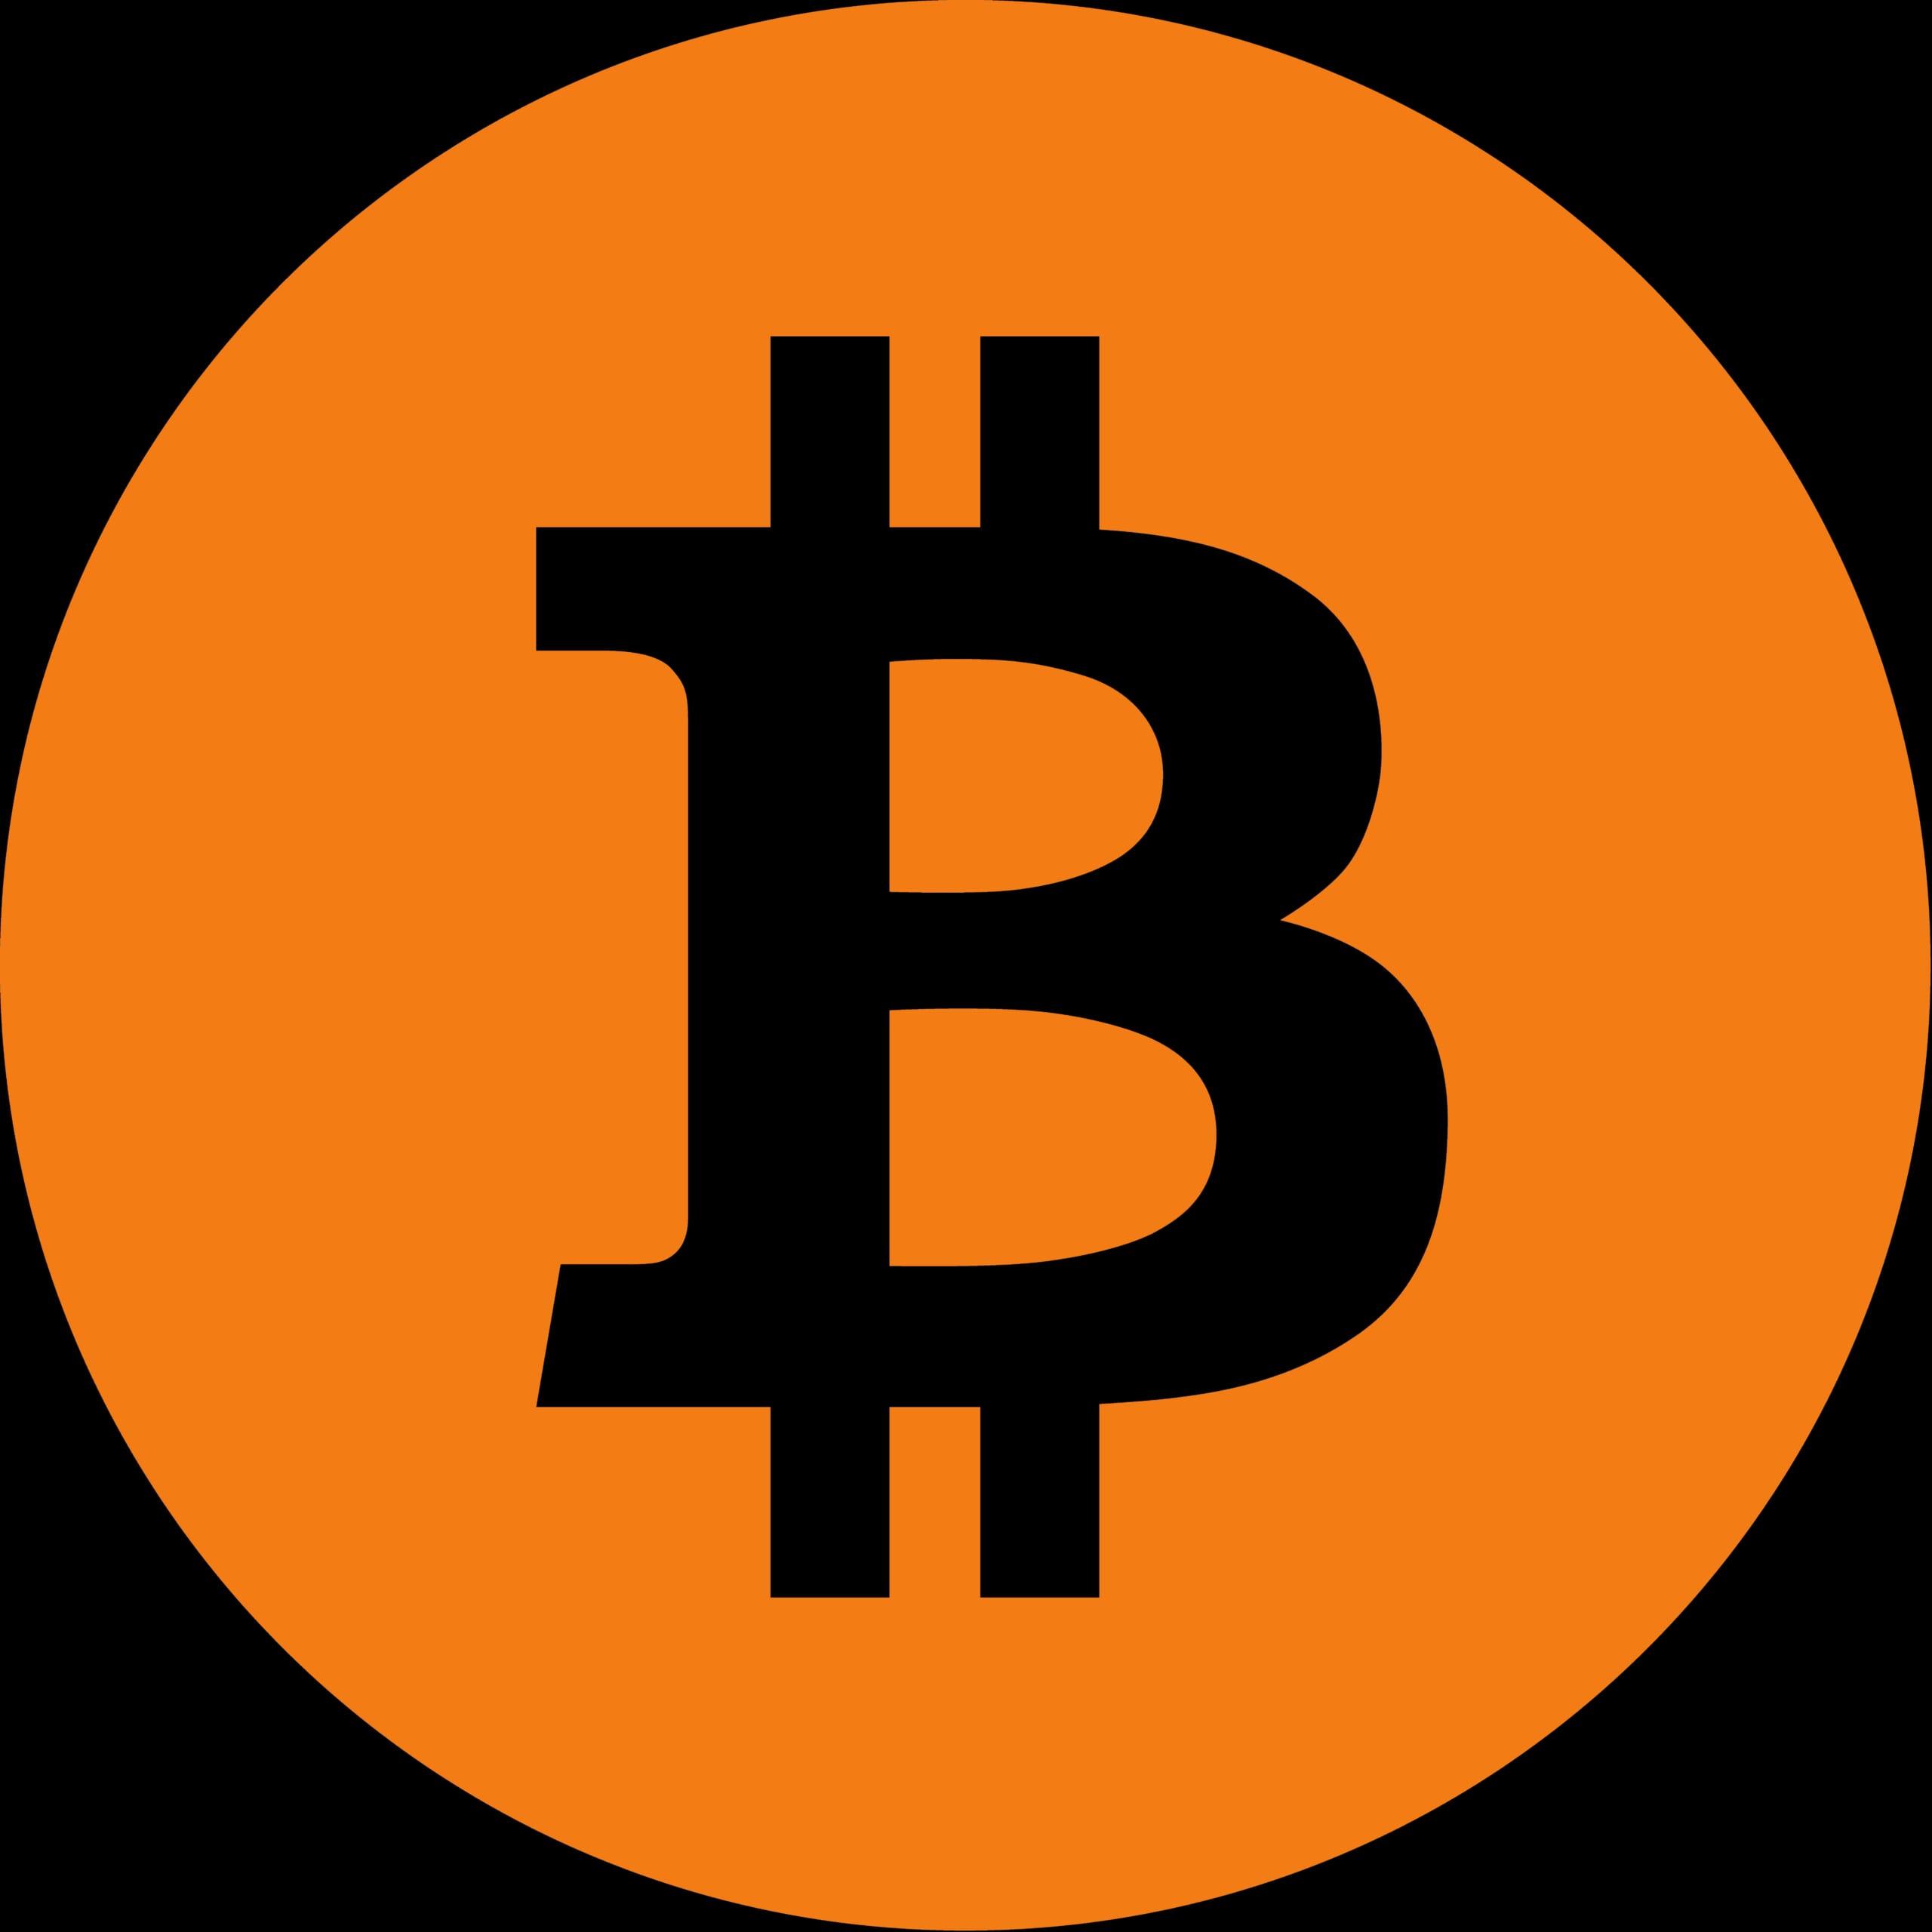 銀行はもういらない。「ブロックチェーン」が金融業界にもたらすインパクト